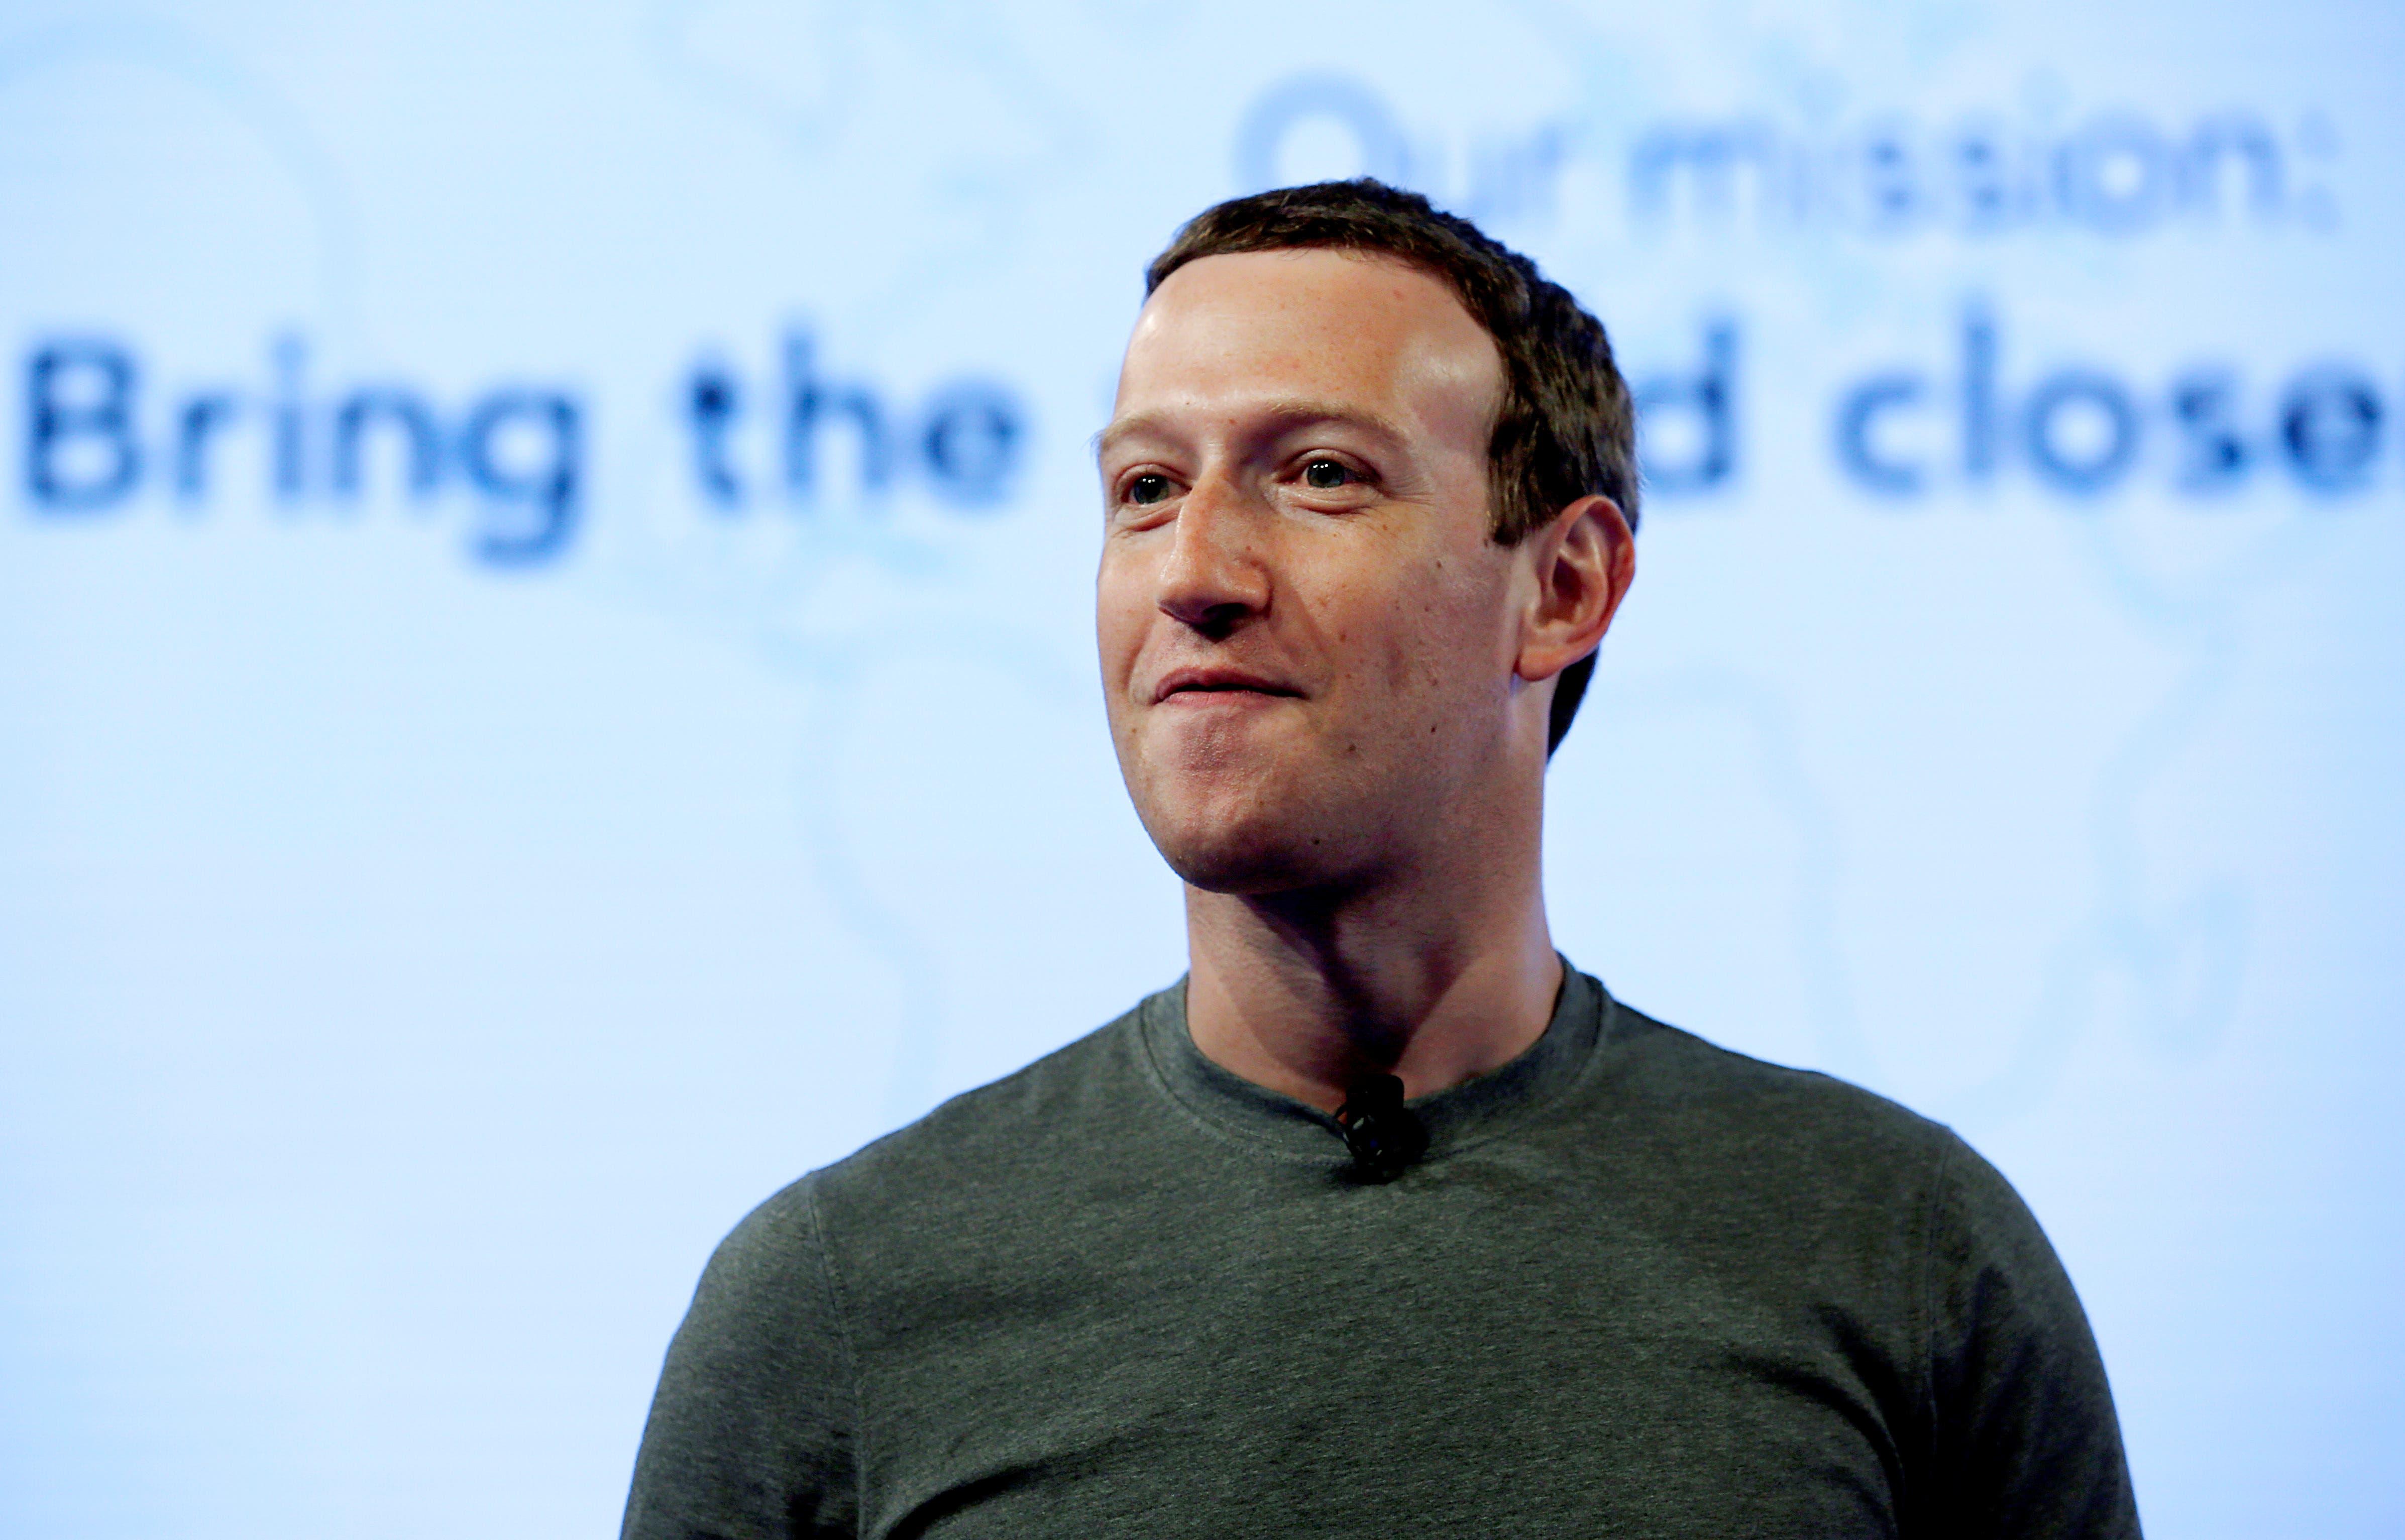 Legisladores de EE.UU. piden que Zuckerberg testifique ante el Congreso